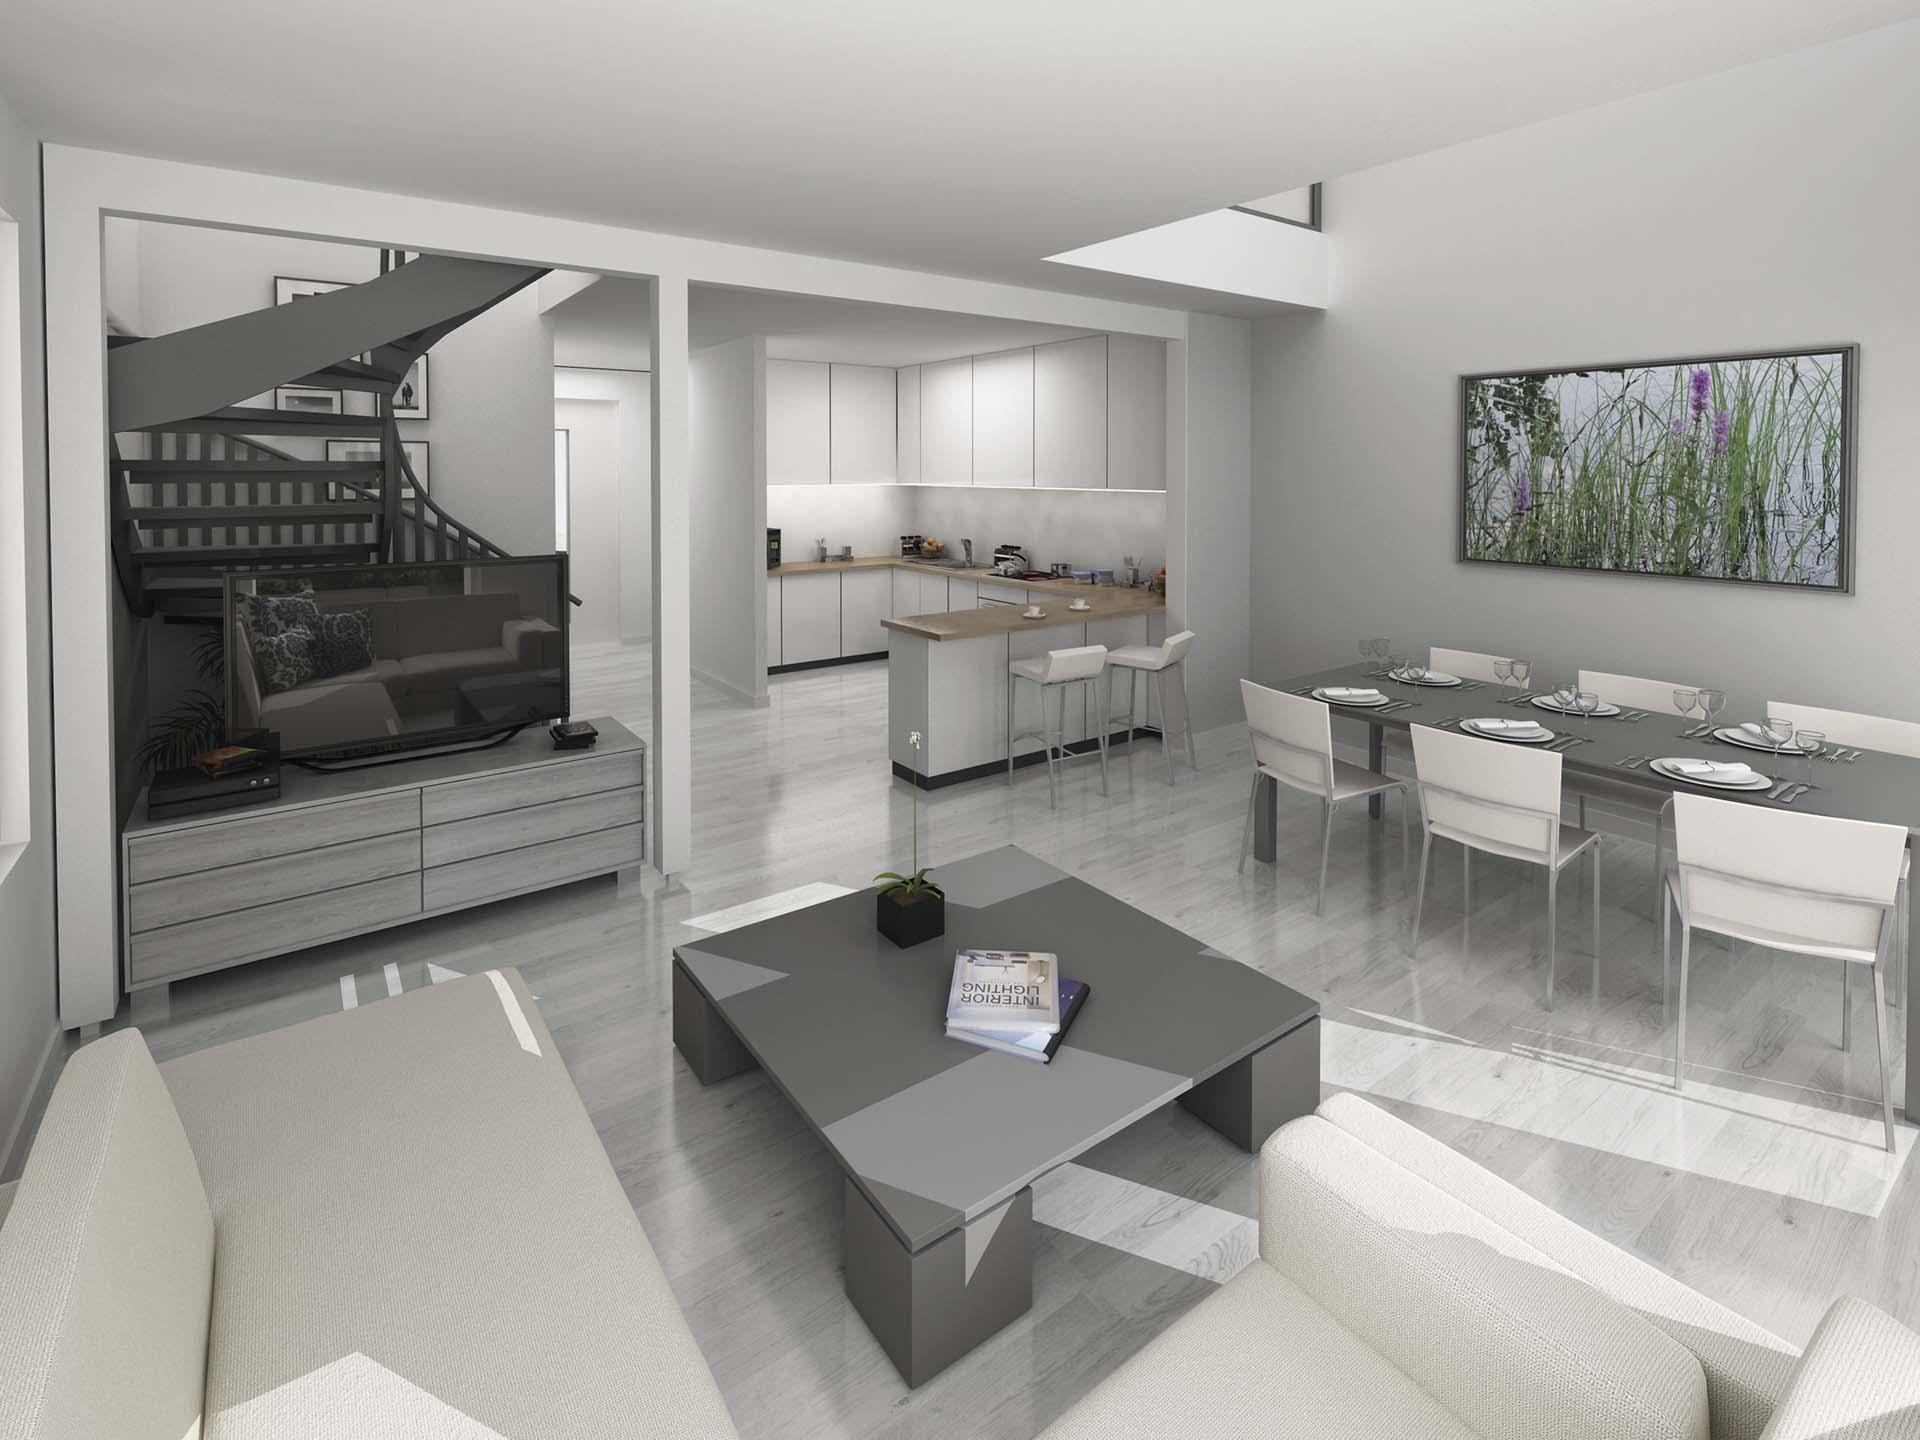 Jukkatalon kodissa materiaalit ovat laadukkaita ja aikaa kestäviä.